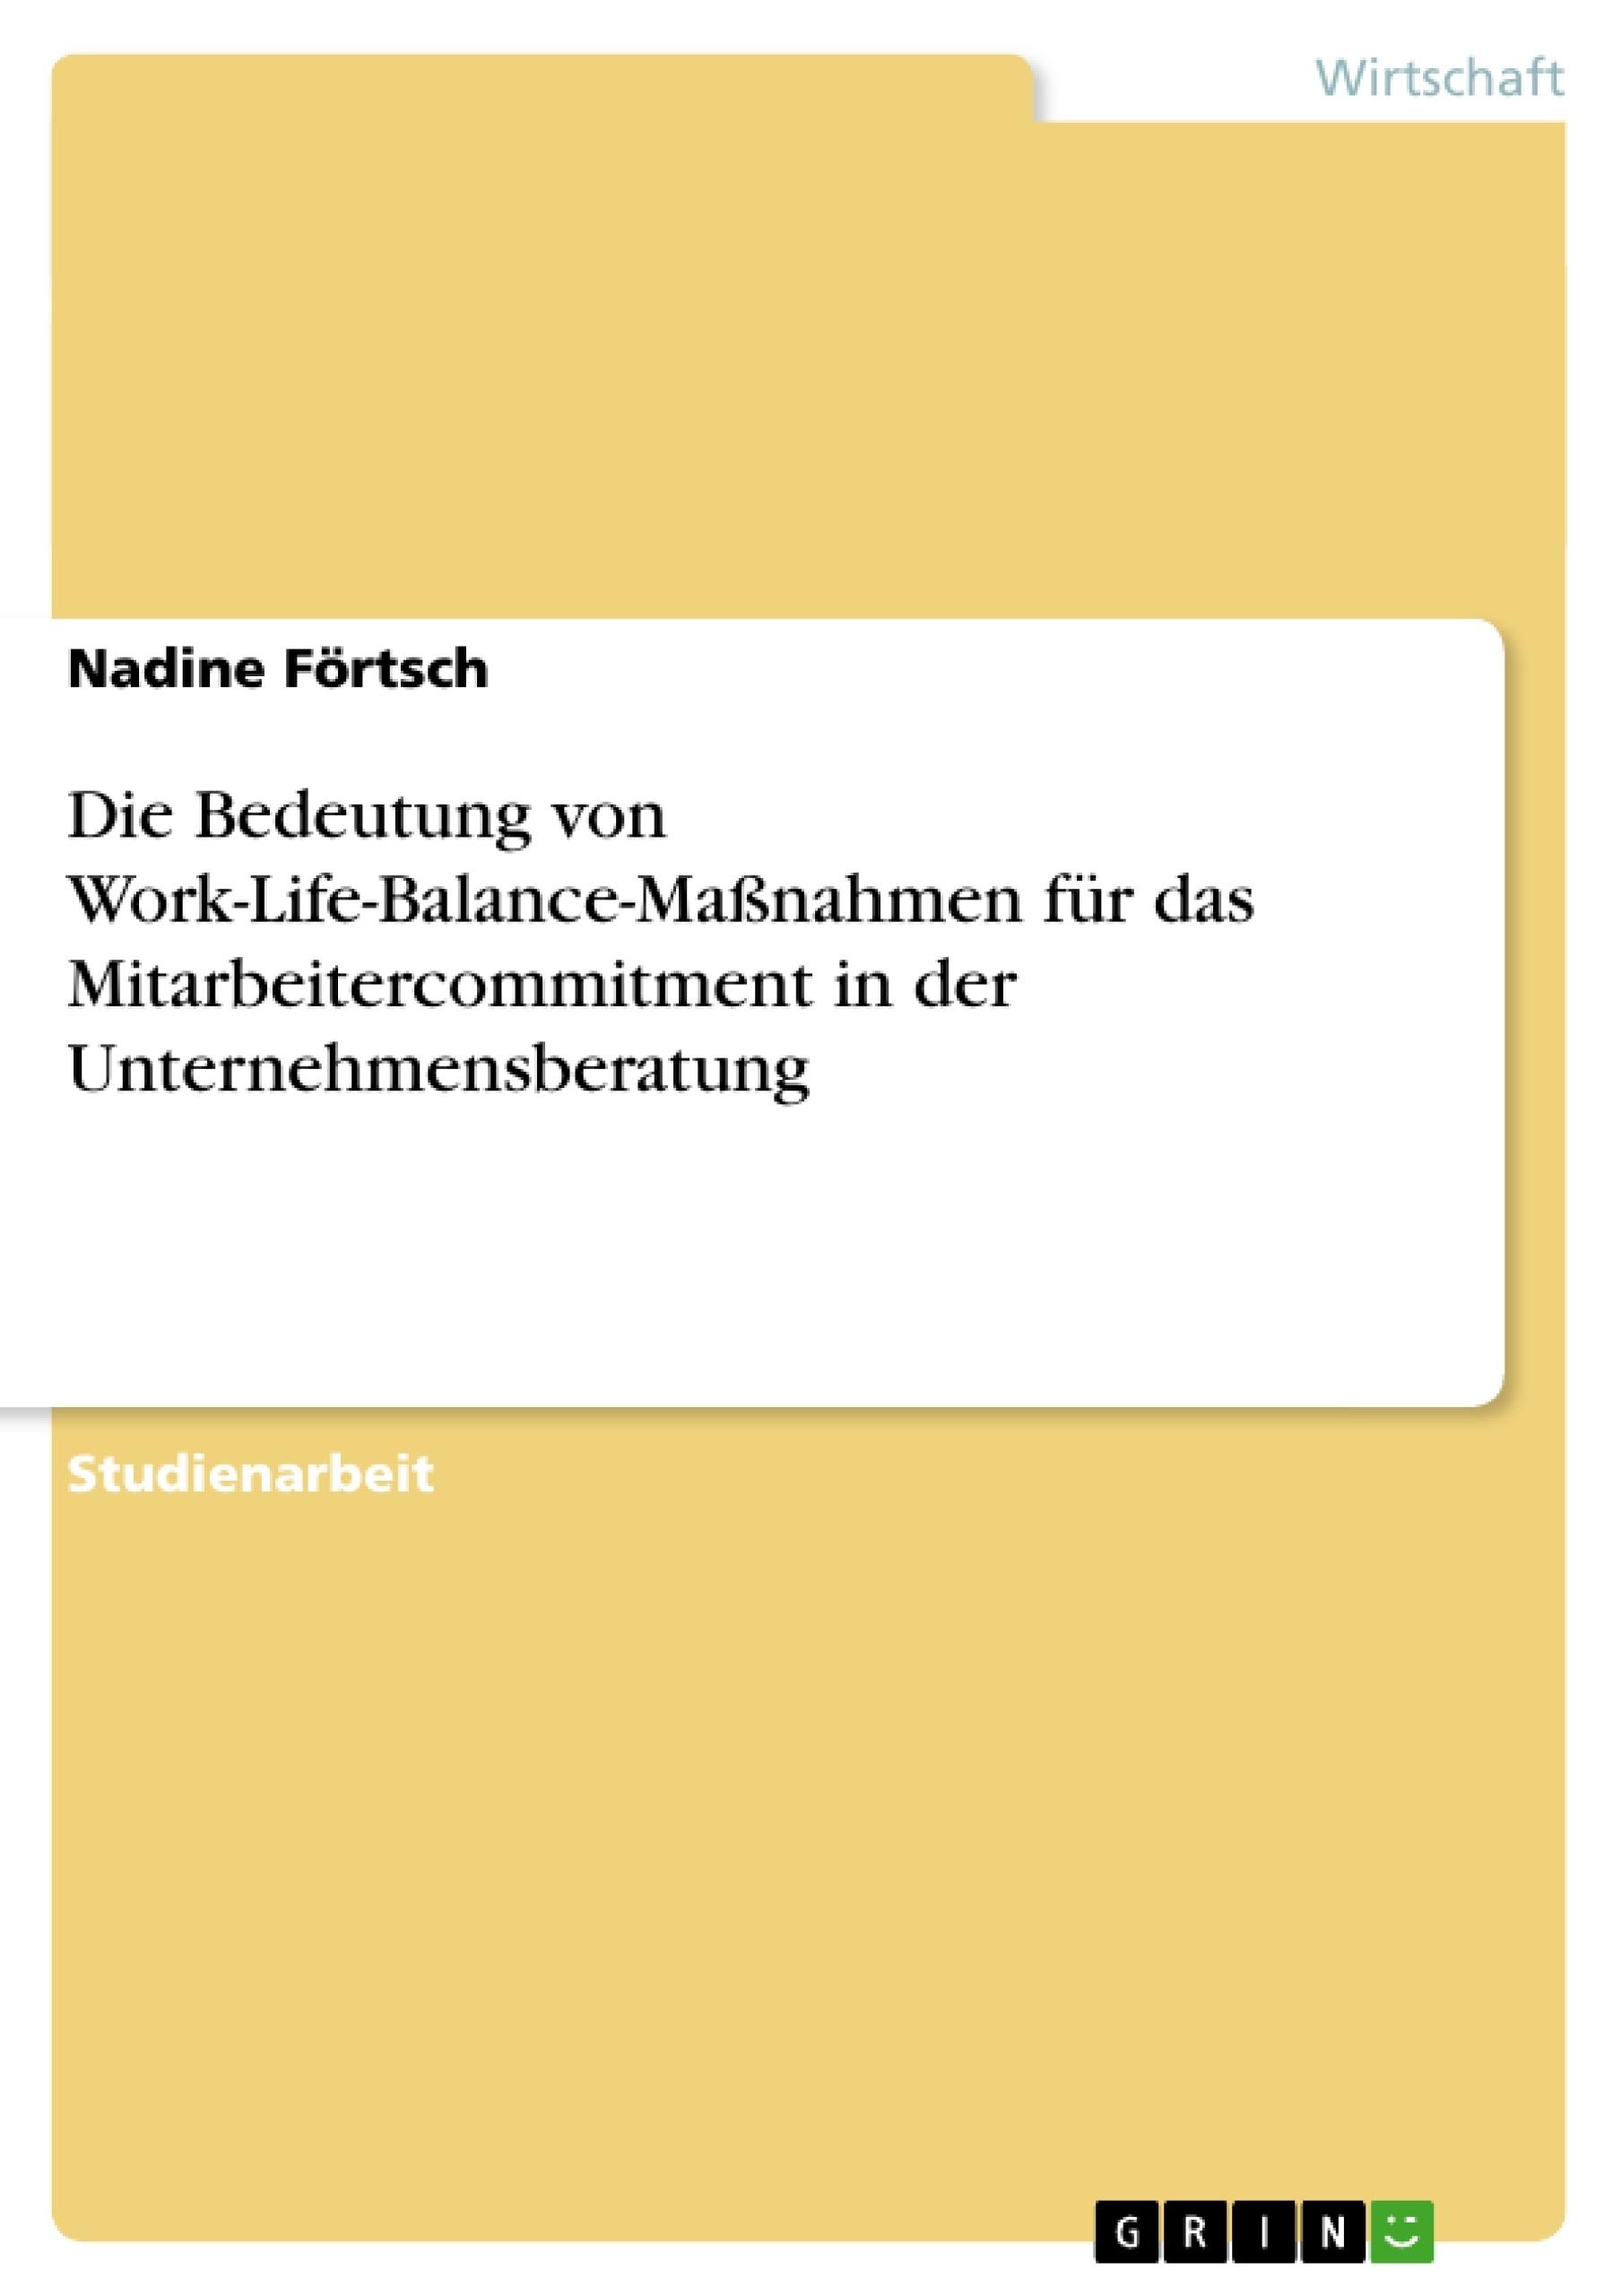 Titel: Die Bedeutung von Work-Life-Balance-Maßnahmen für das Mitarbeitercommitment in der Unternehmensberatung